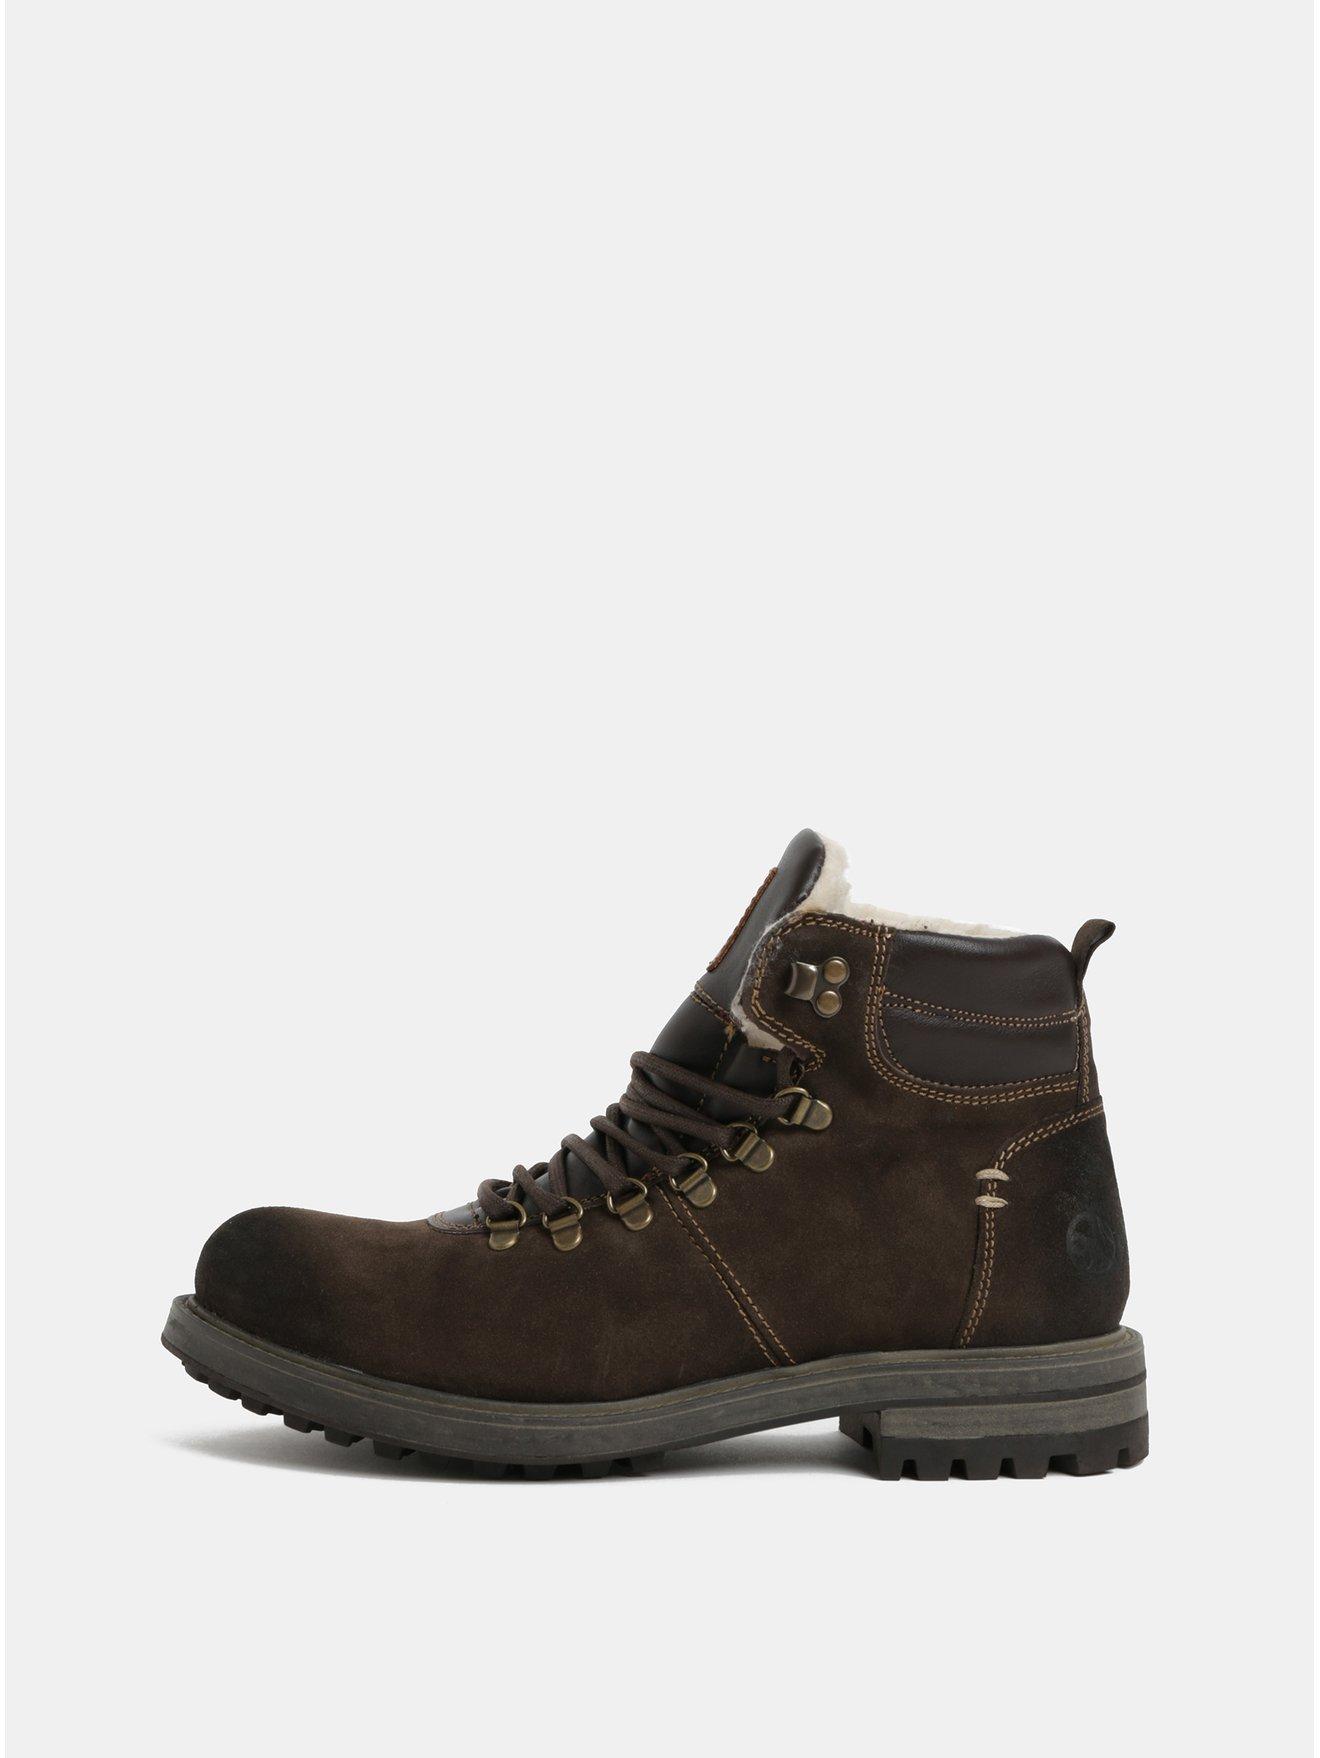 Tmavě hnědé pánské semišové zimní boty s.Oliver